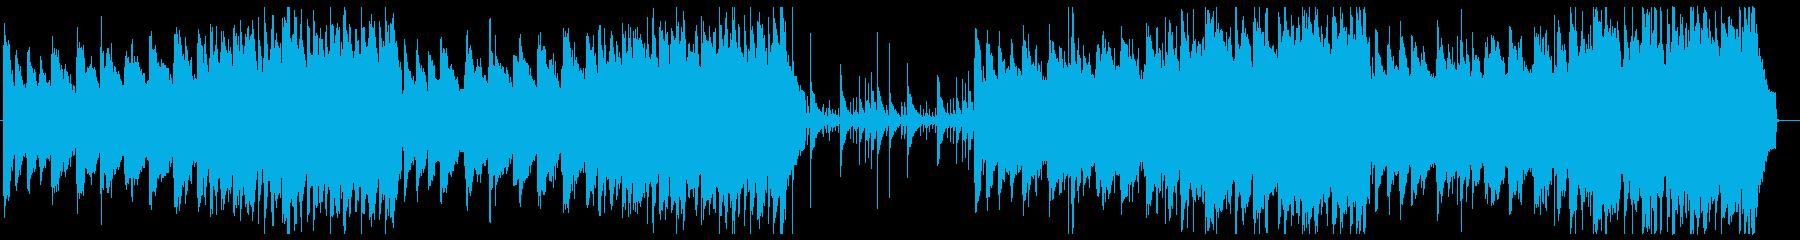 もの悲しいシネマティックピアノBGMの再生済みの波形